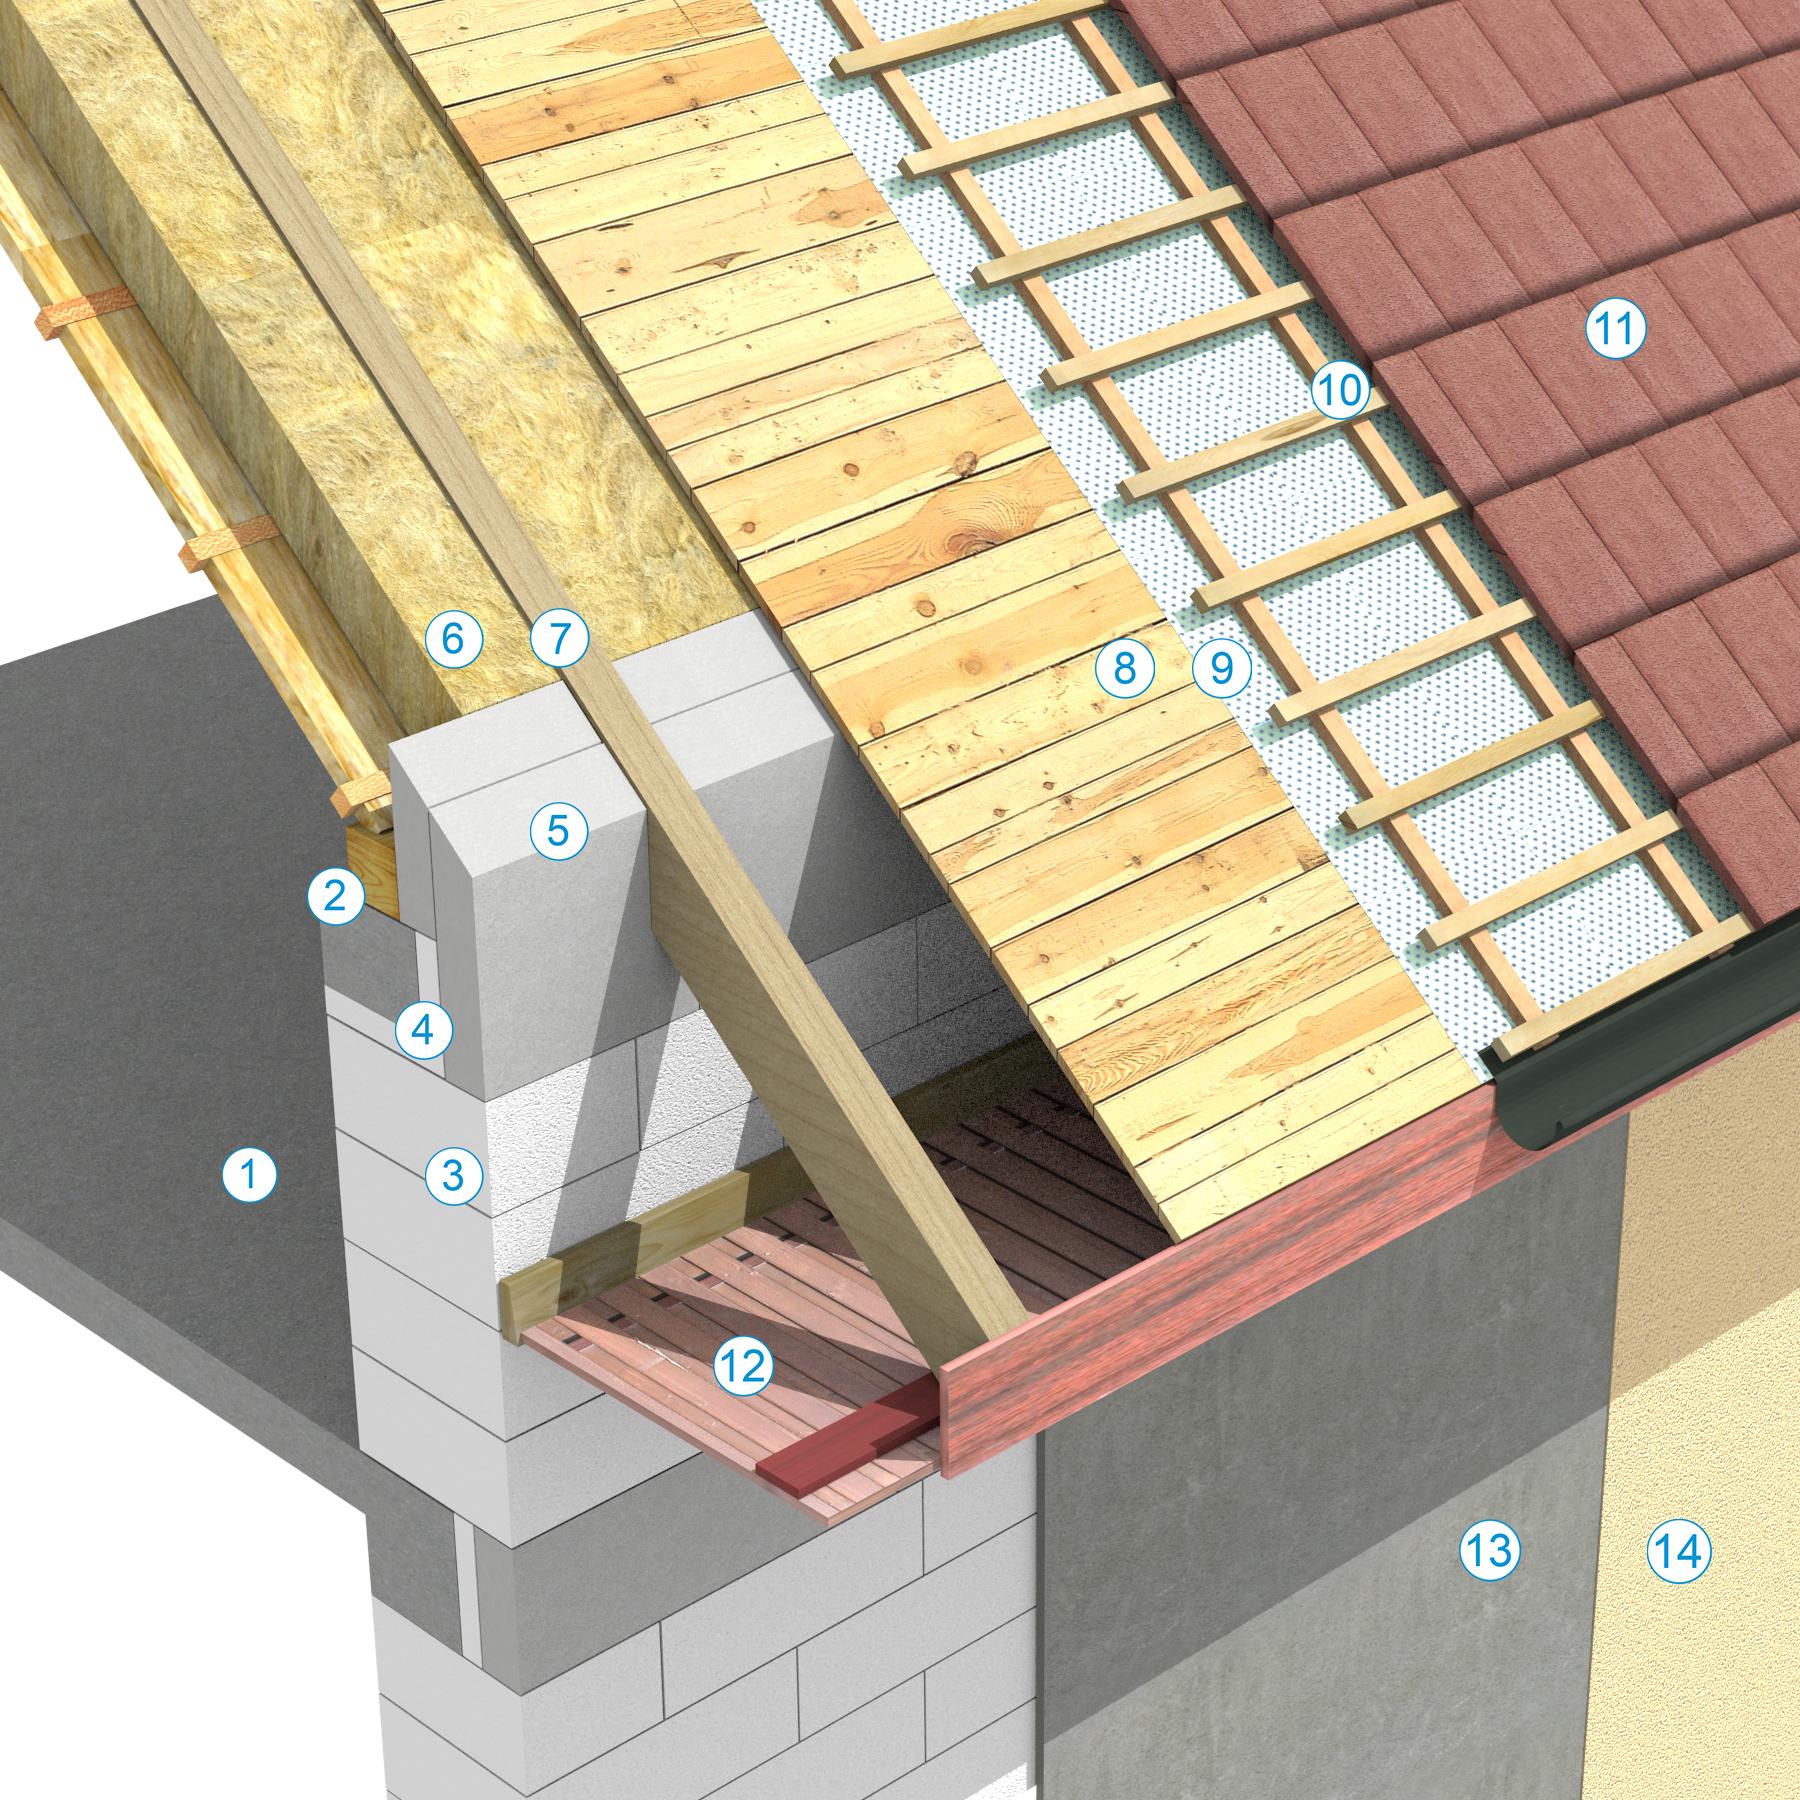 Detaliu de racord al fatadei la termoizolatia acoperisului, cu streasina infundata. - Sistem de zidarie confinata din BCA Macon pentru constructii rezidentiale, publice si industriale